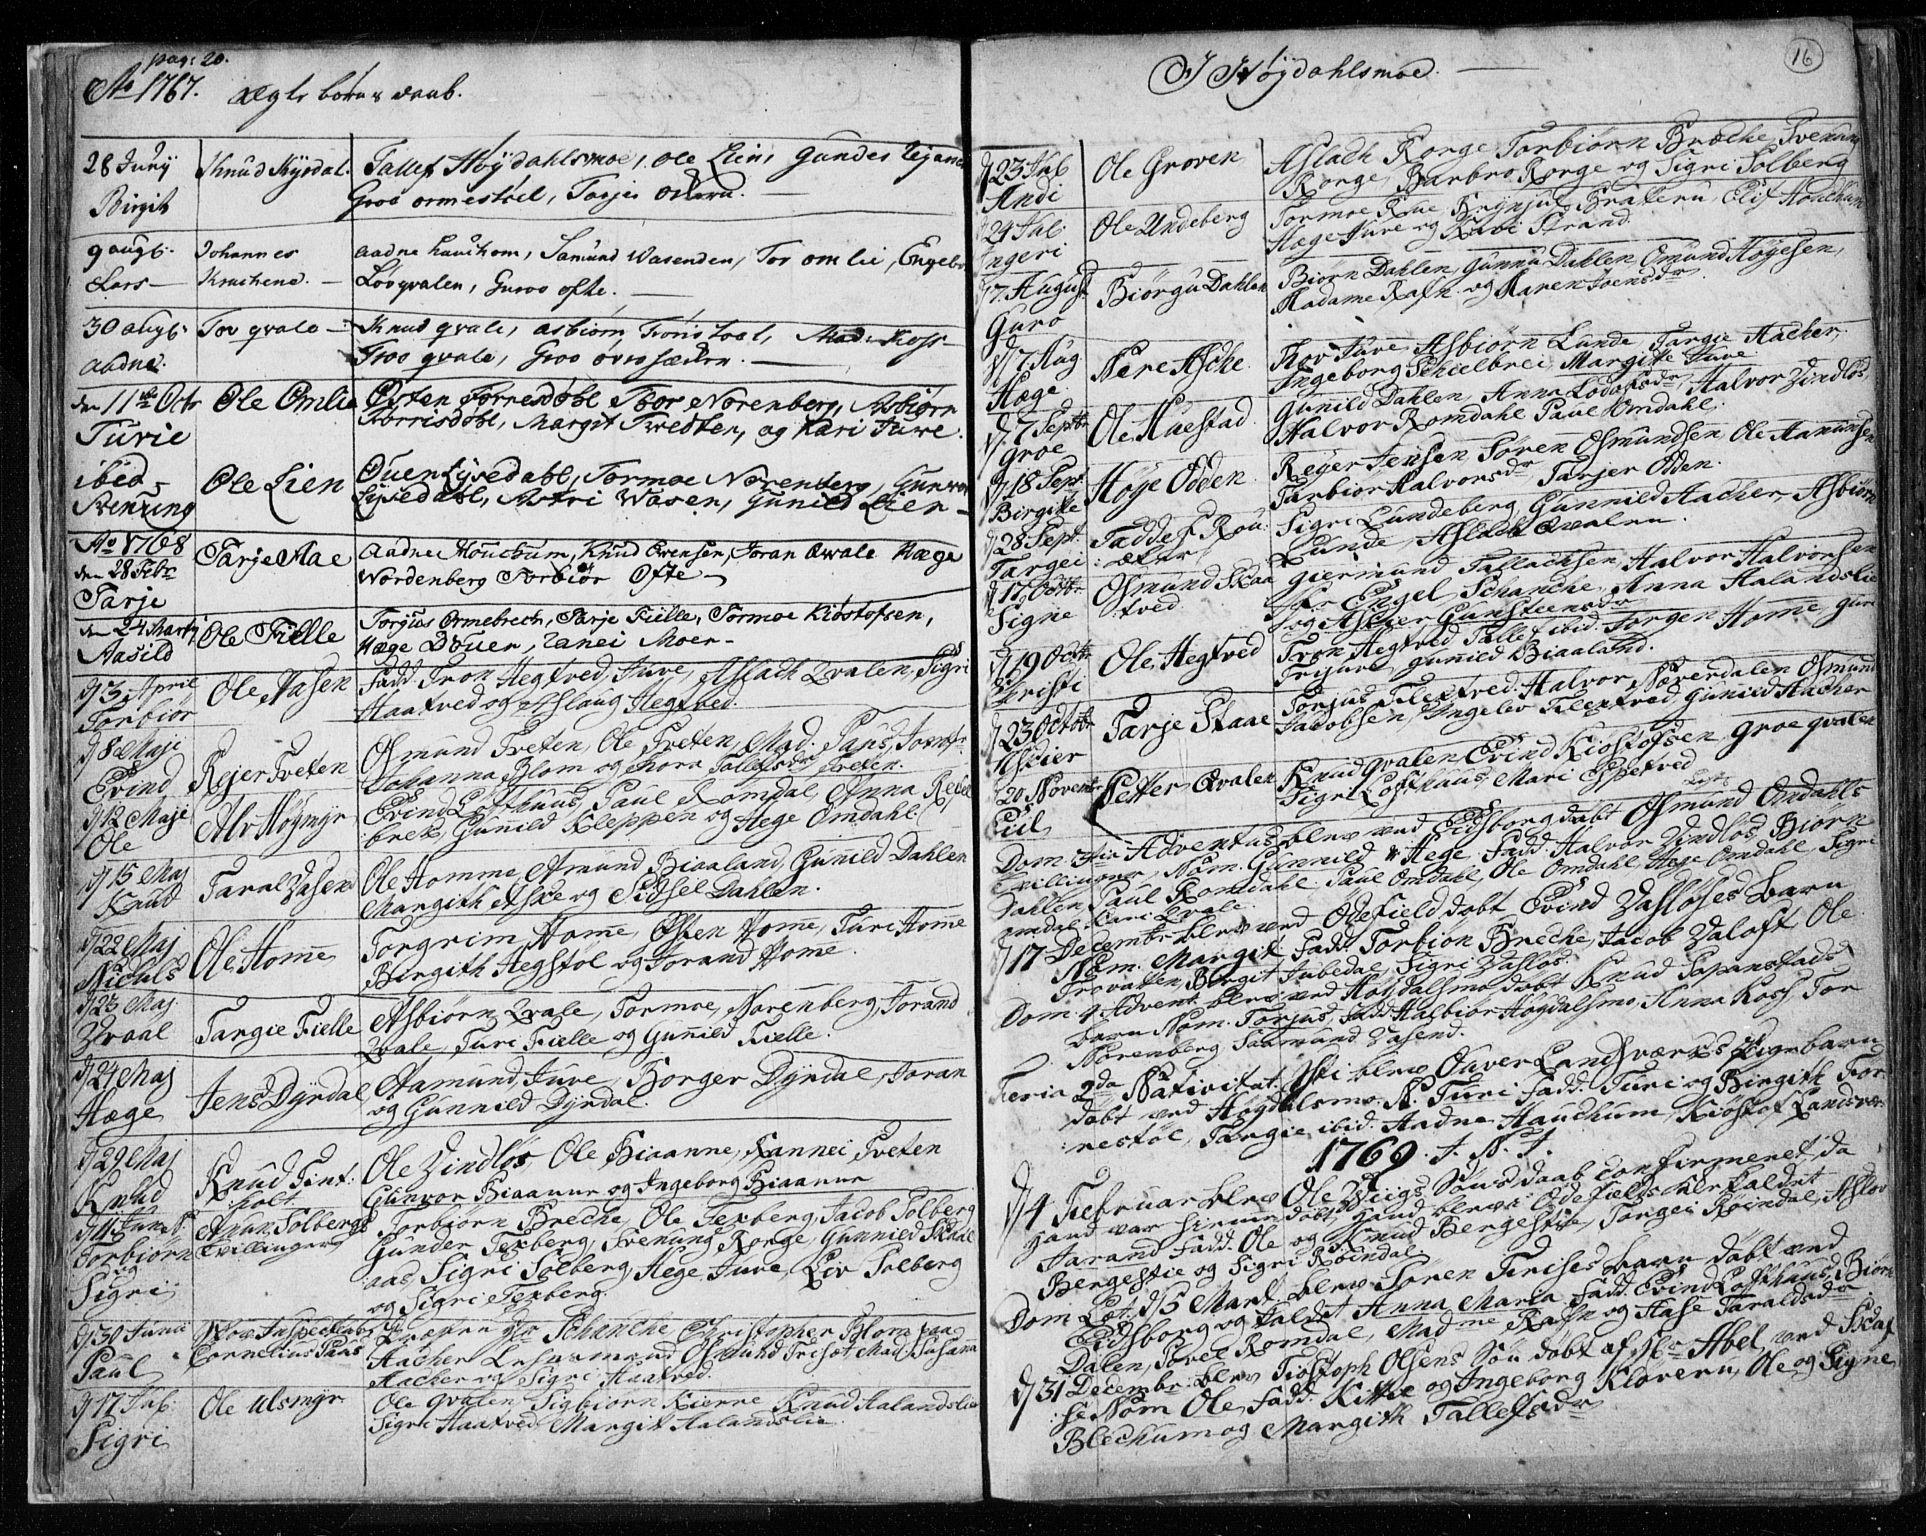 SAKO, Lårdal kirkebøker, F/Fa/L0003: Ministerialbok nr. I 3, 1754-1790, s. 16